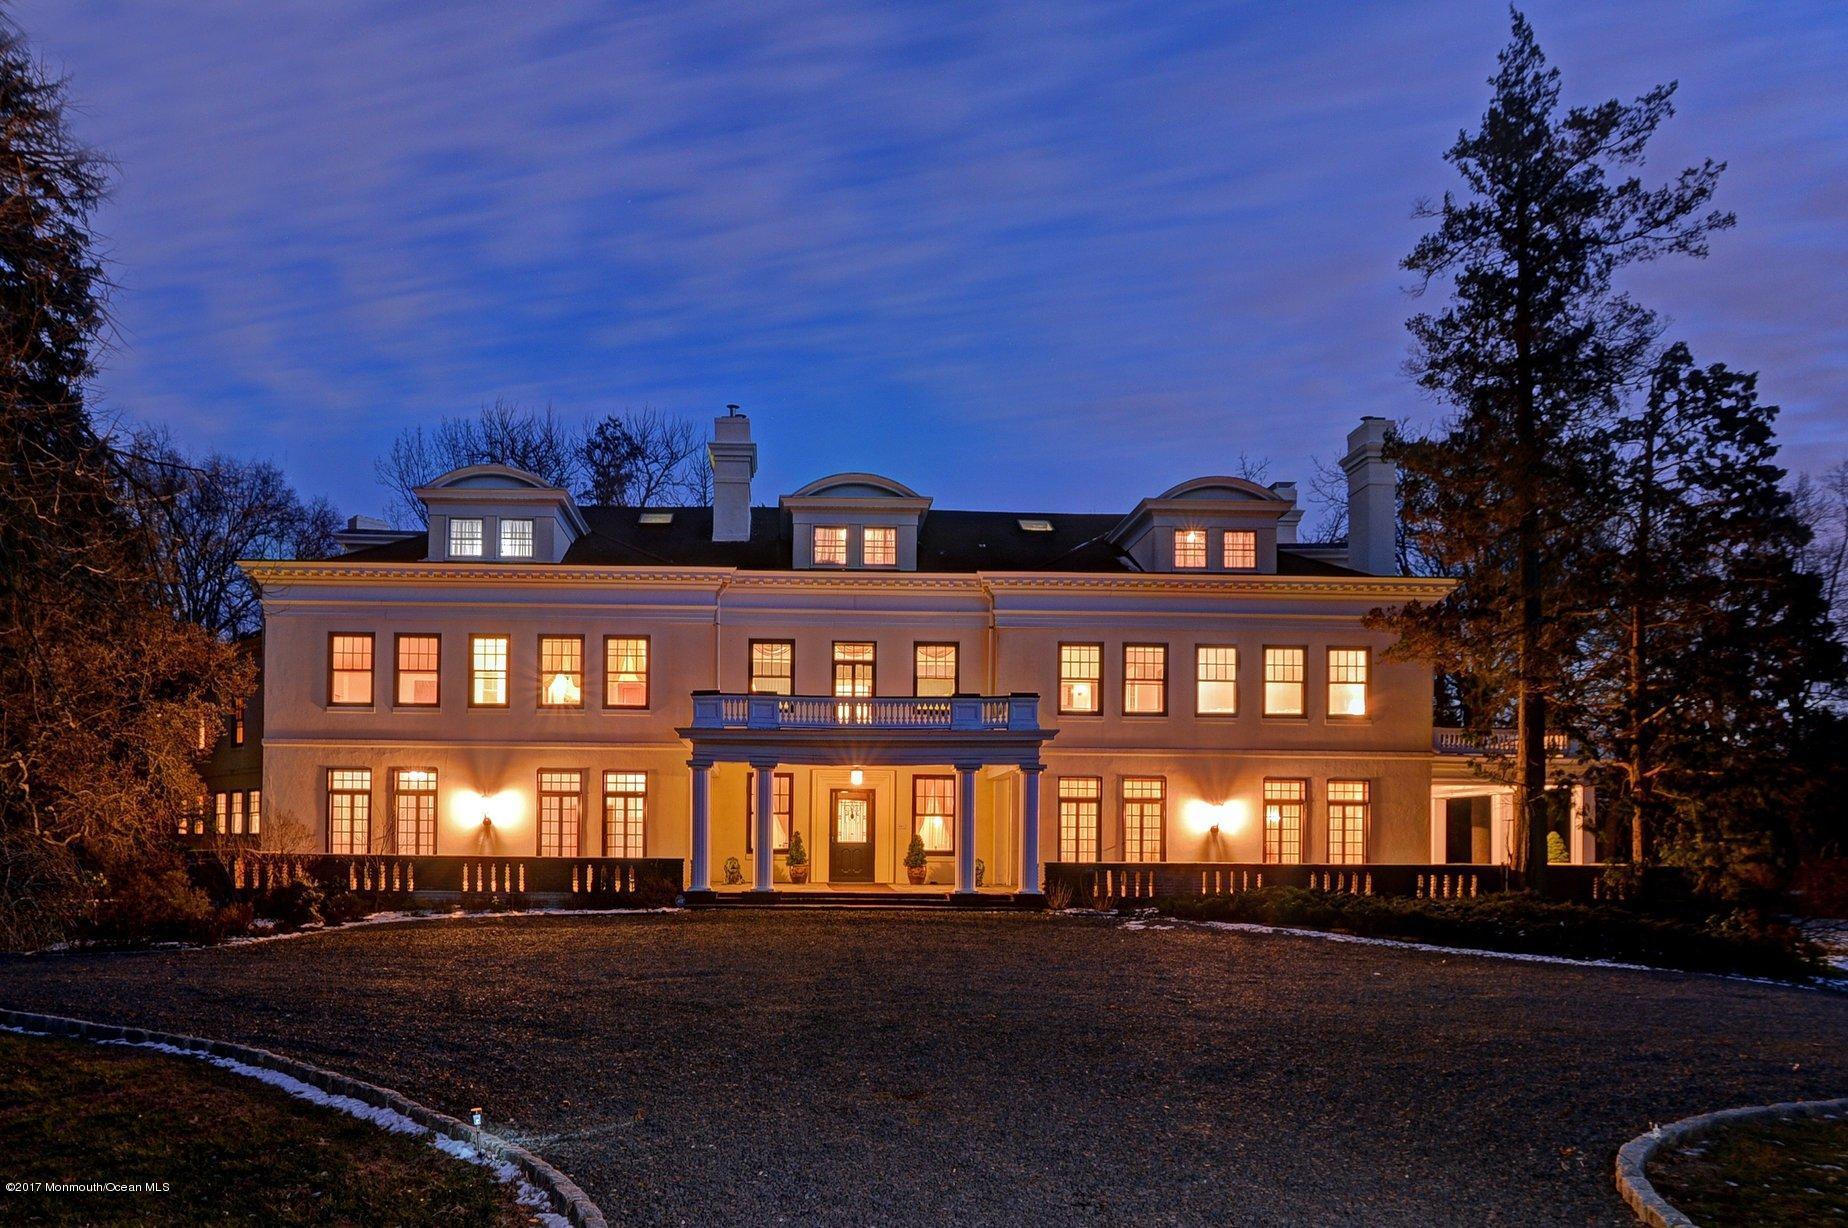 独户住宅 为 销售 在 91 Rumson Road 拉姆森, 新泽西州 07760 美国